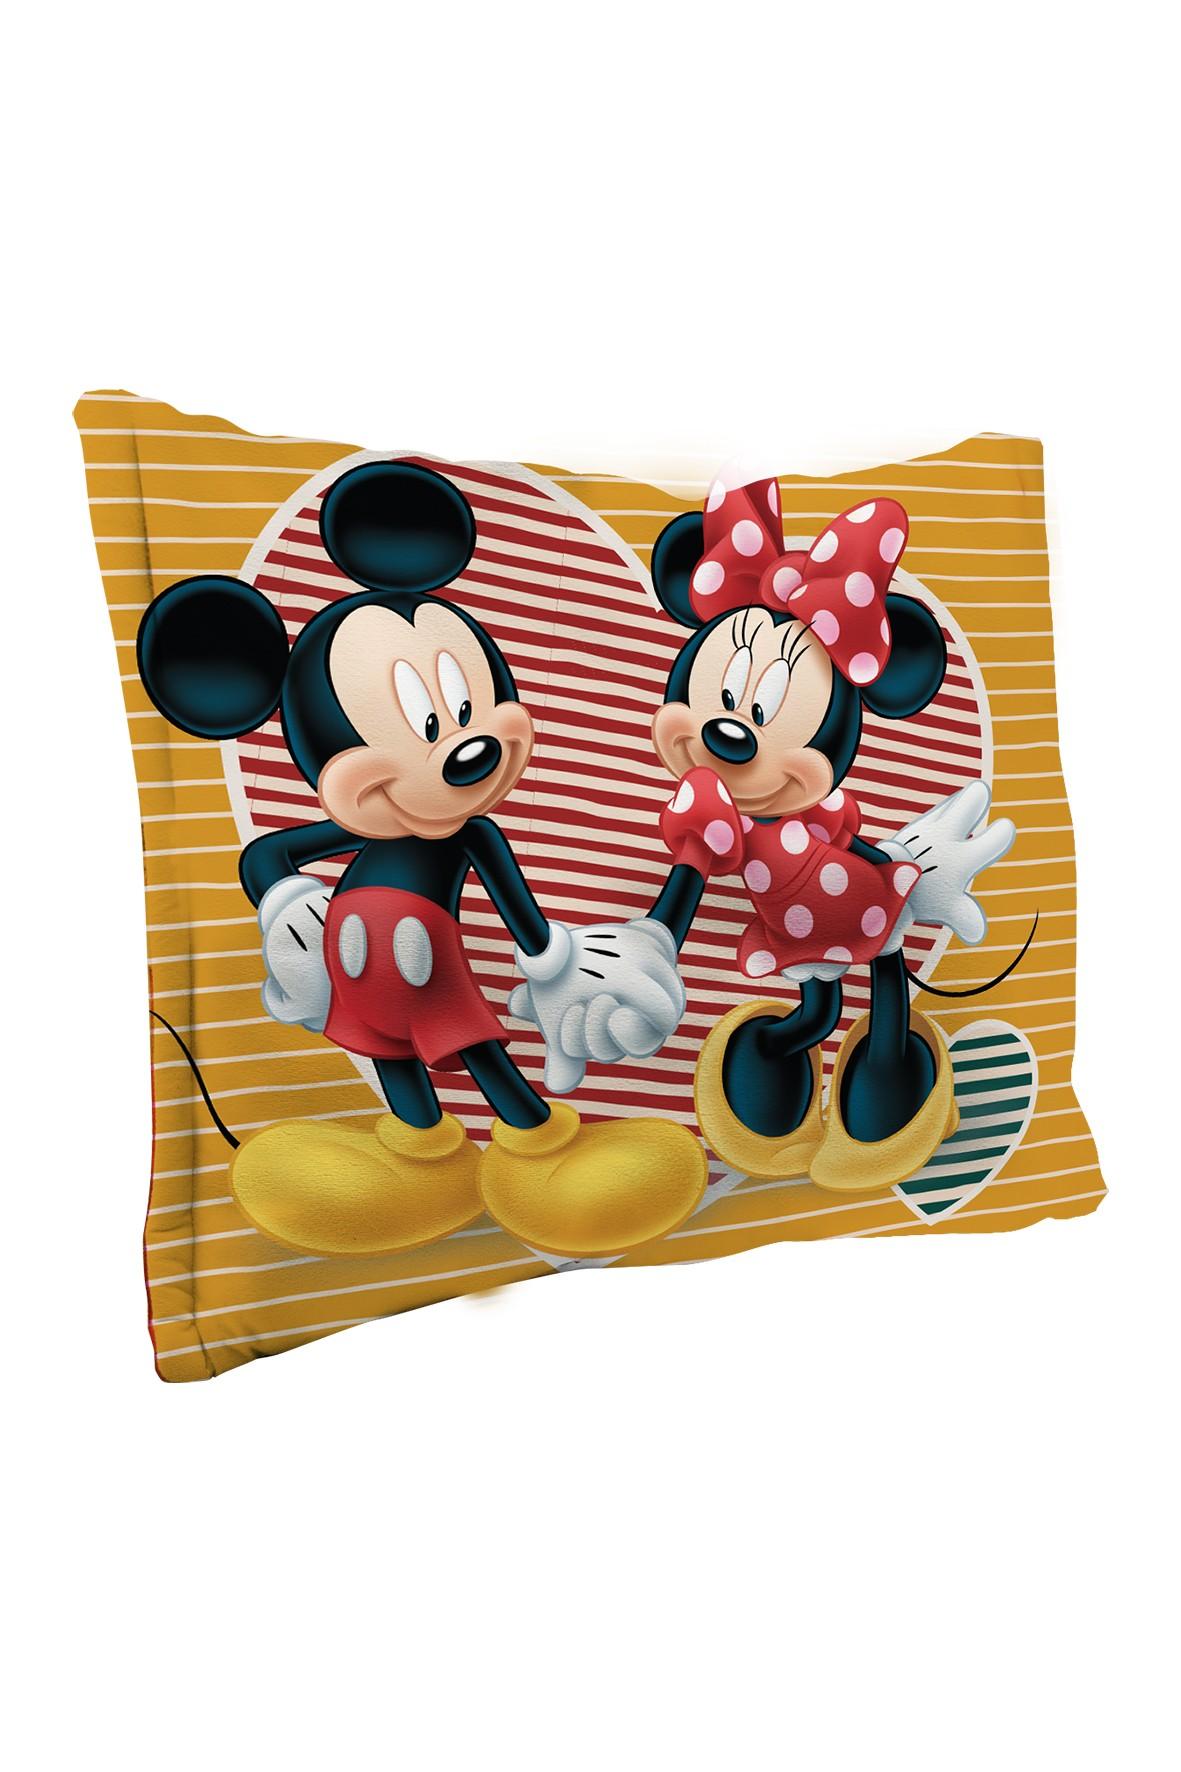 Myszka Miki Zestaw duża poduszka+ 6 mini poduszek